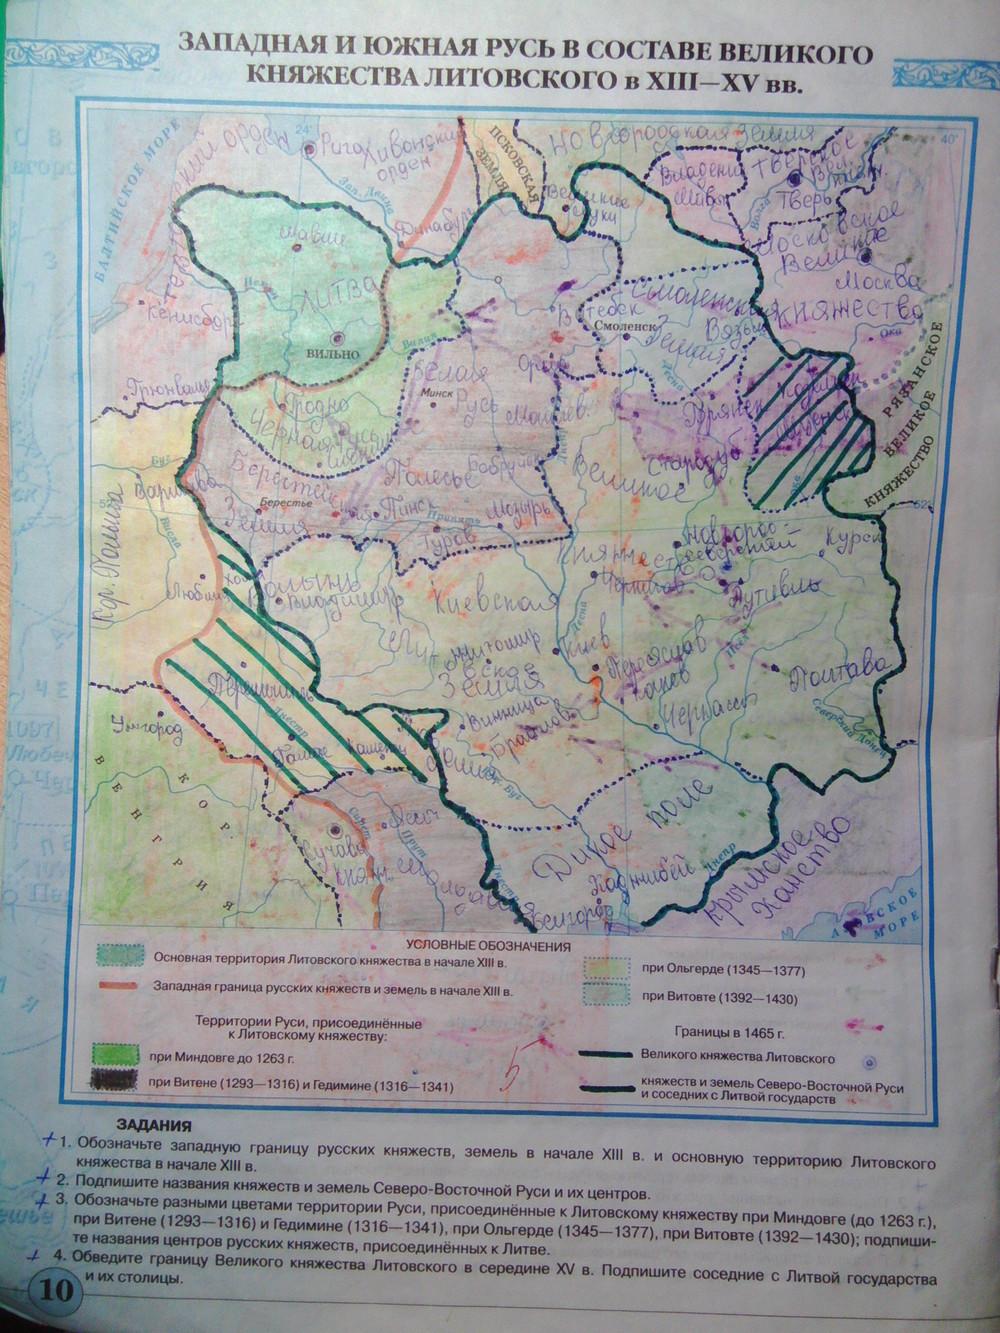 гдз контурная карта по истории россии 6 класс тороп